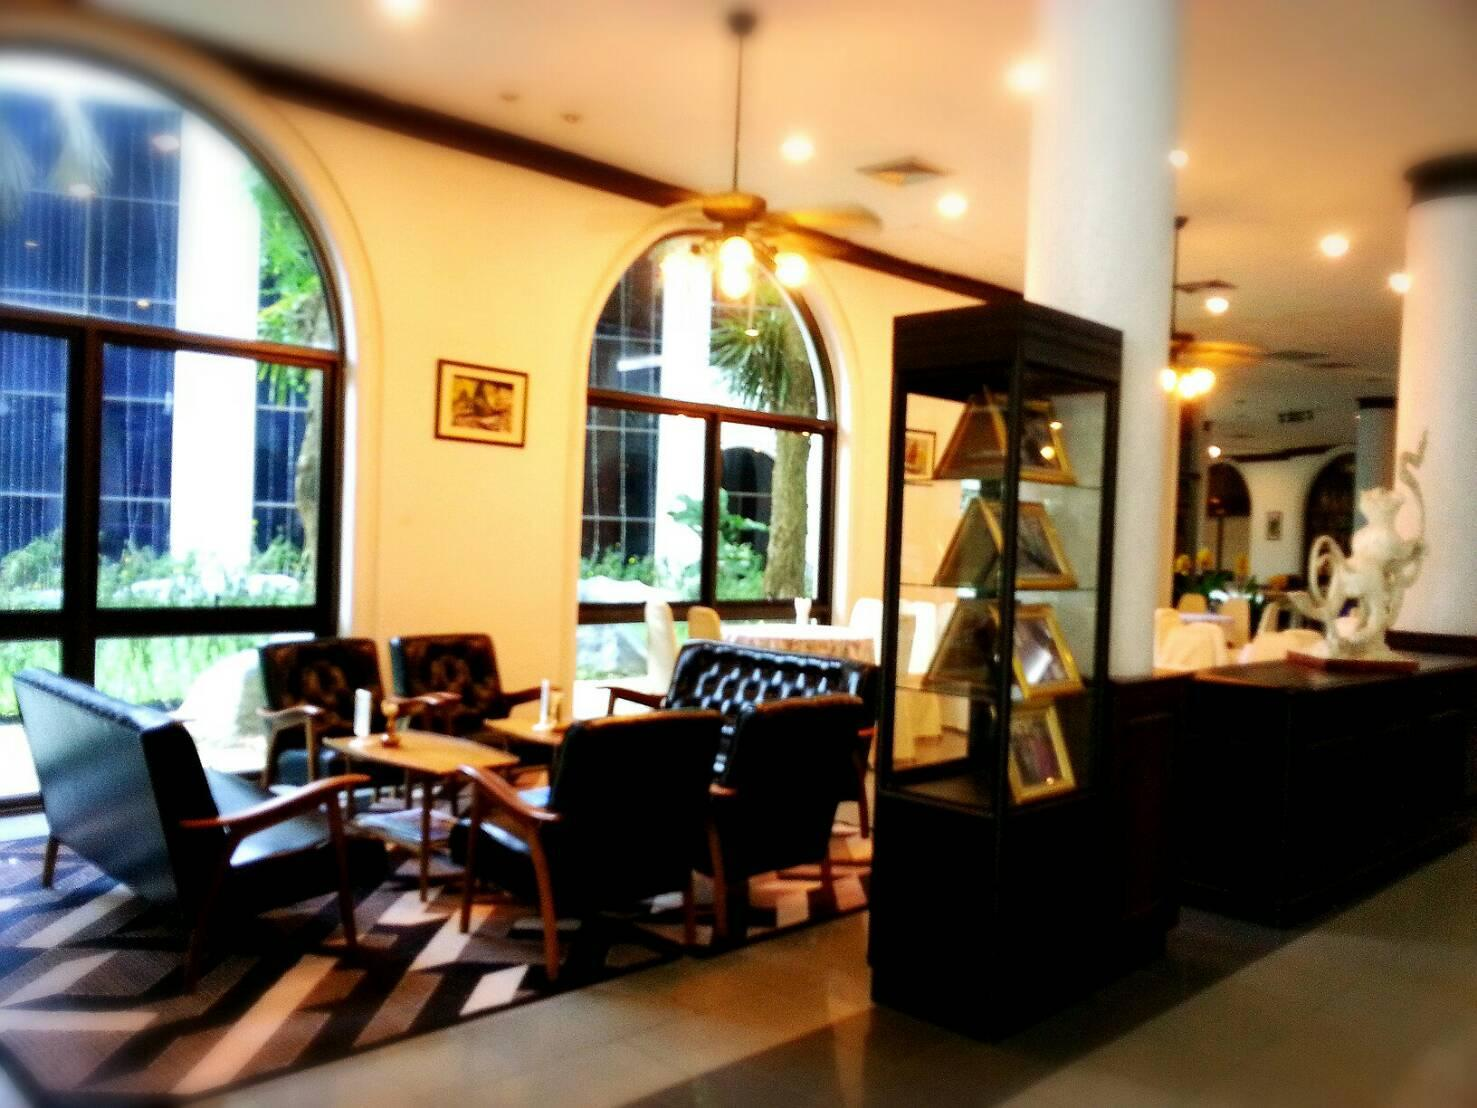 皇家钻石大酒店,โรงแรมรอยัล ไดมอนด์